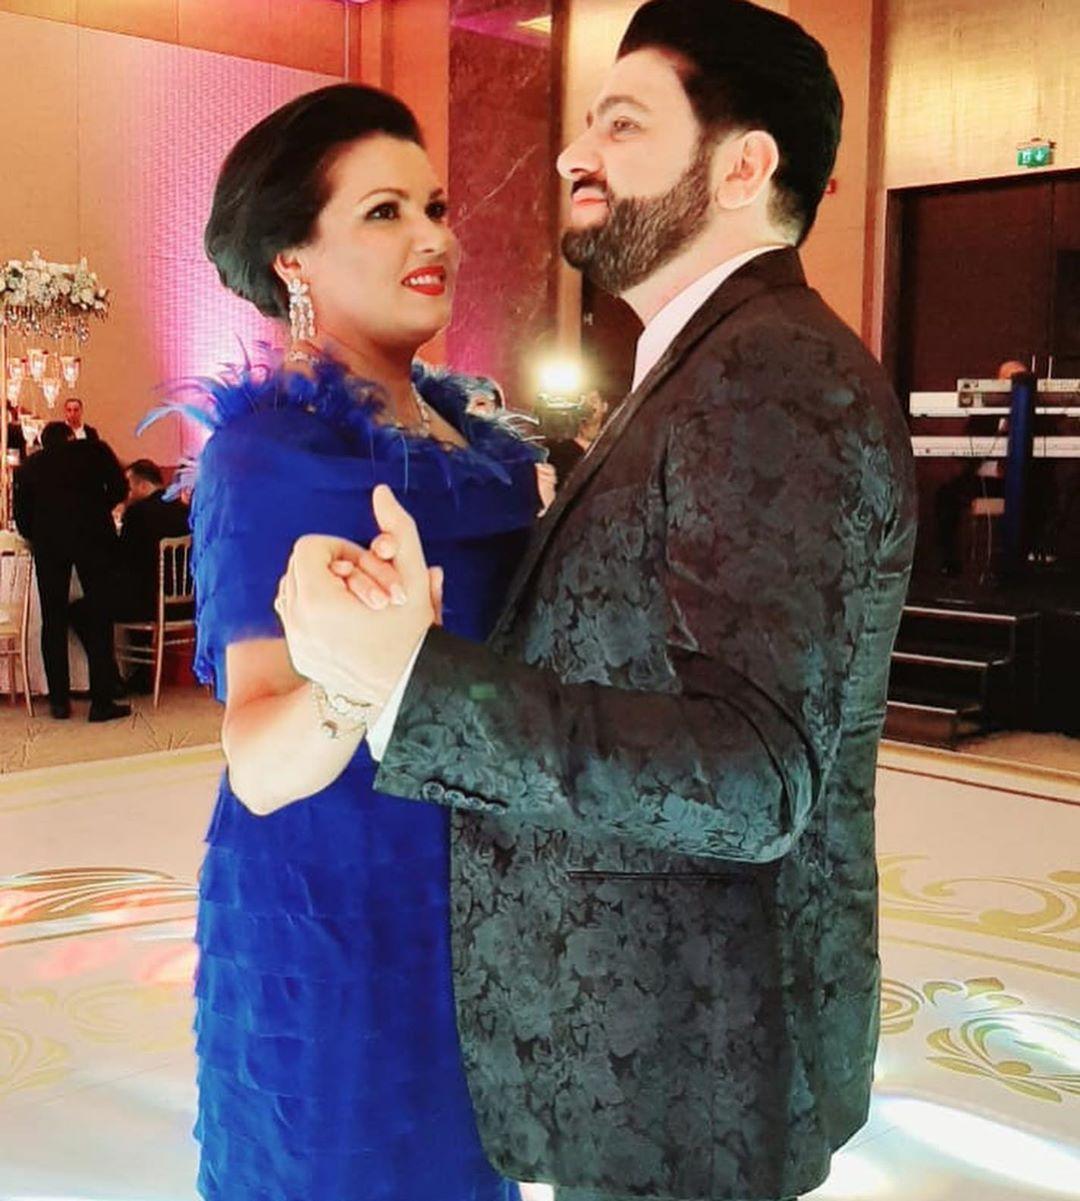 Анна Нетребко: Азербайджанская свадьба - это праздник для всех